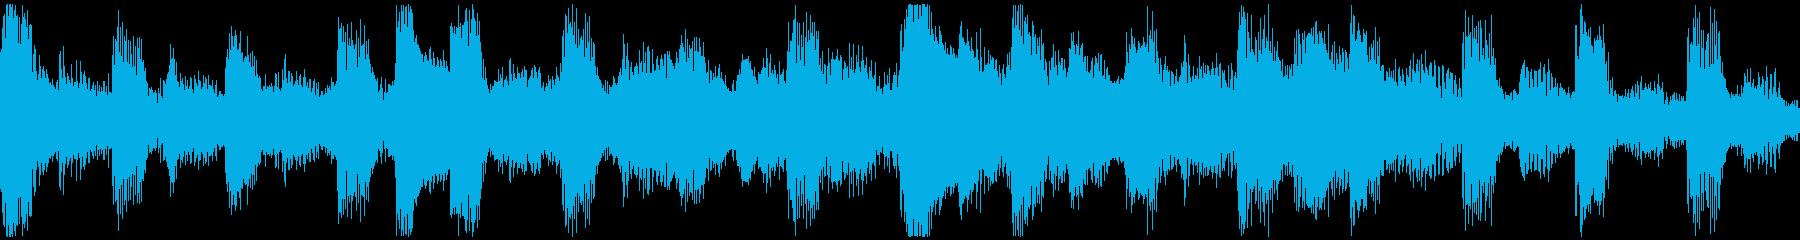 <ショートループ> ピアノ④+ビートAの再生済みの波形